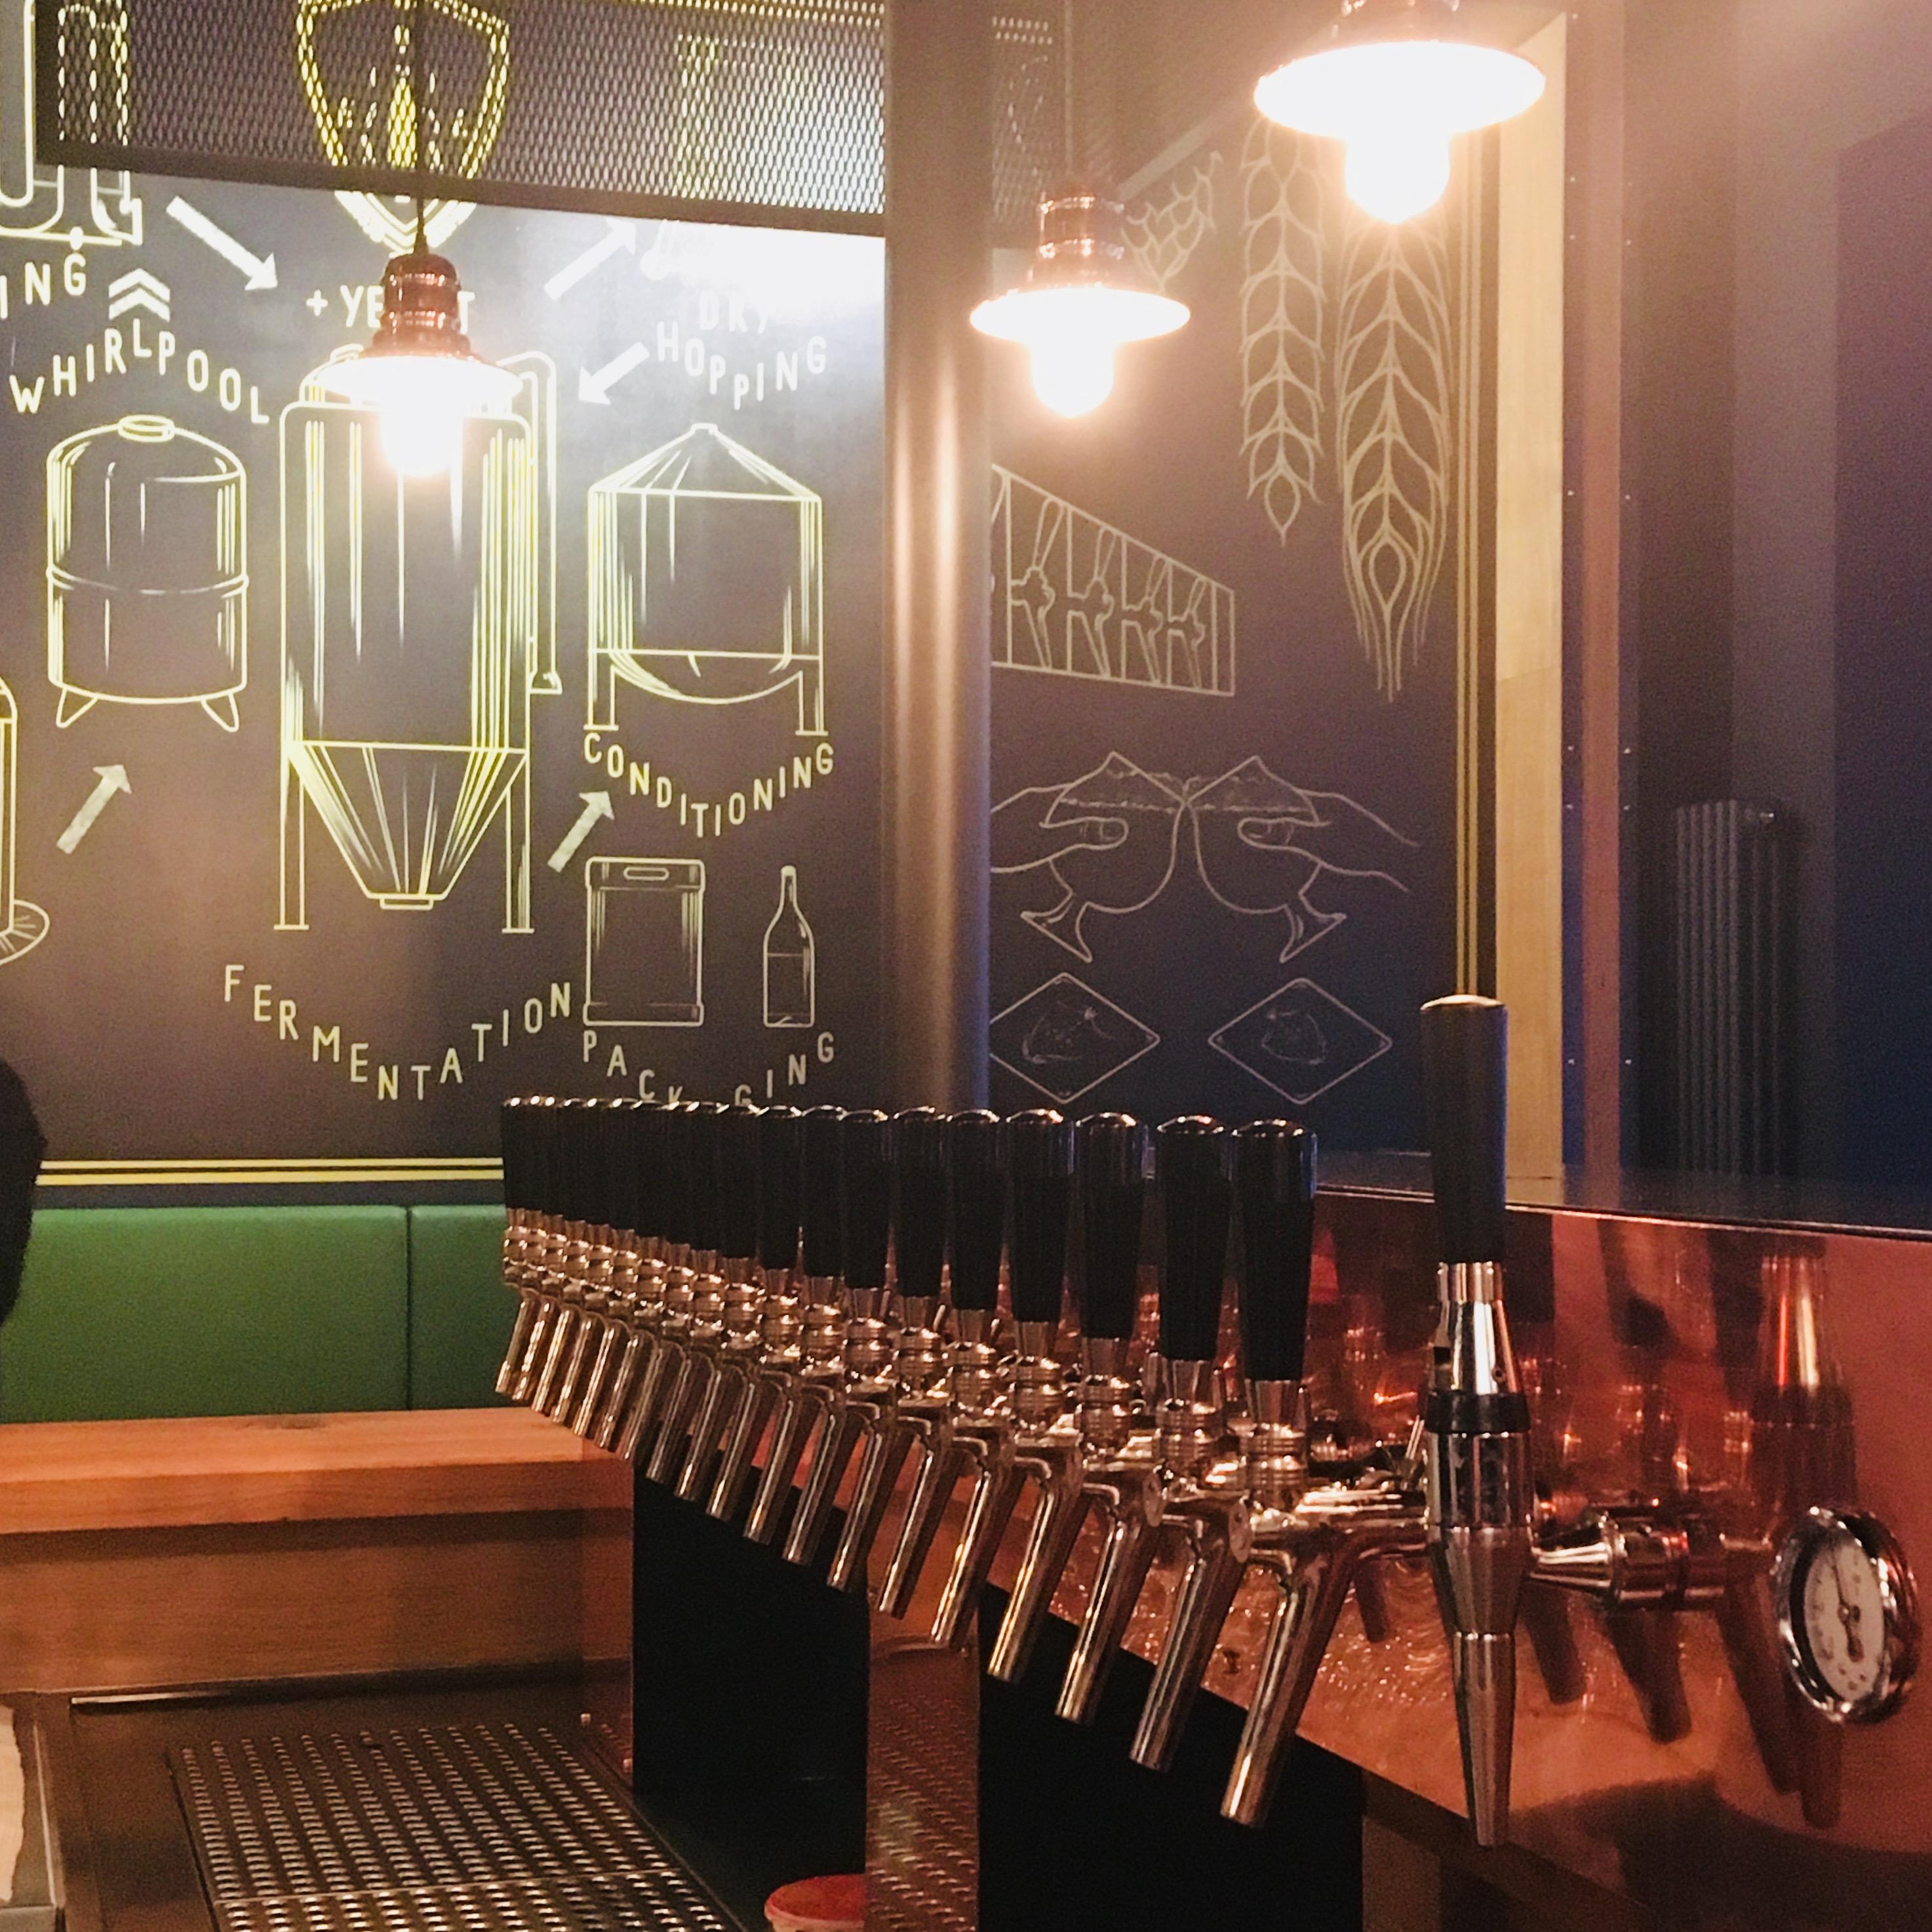 Biererei Bar